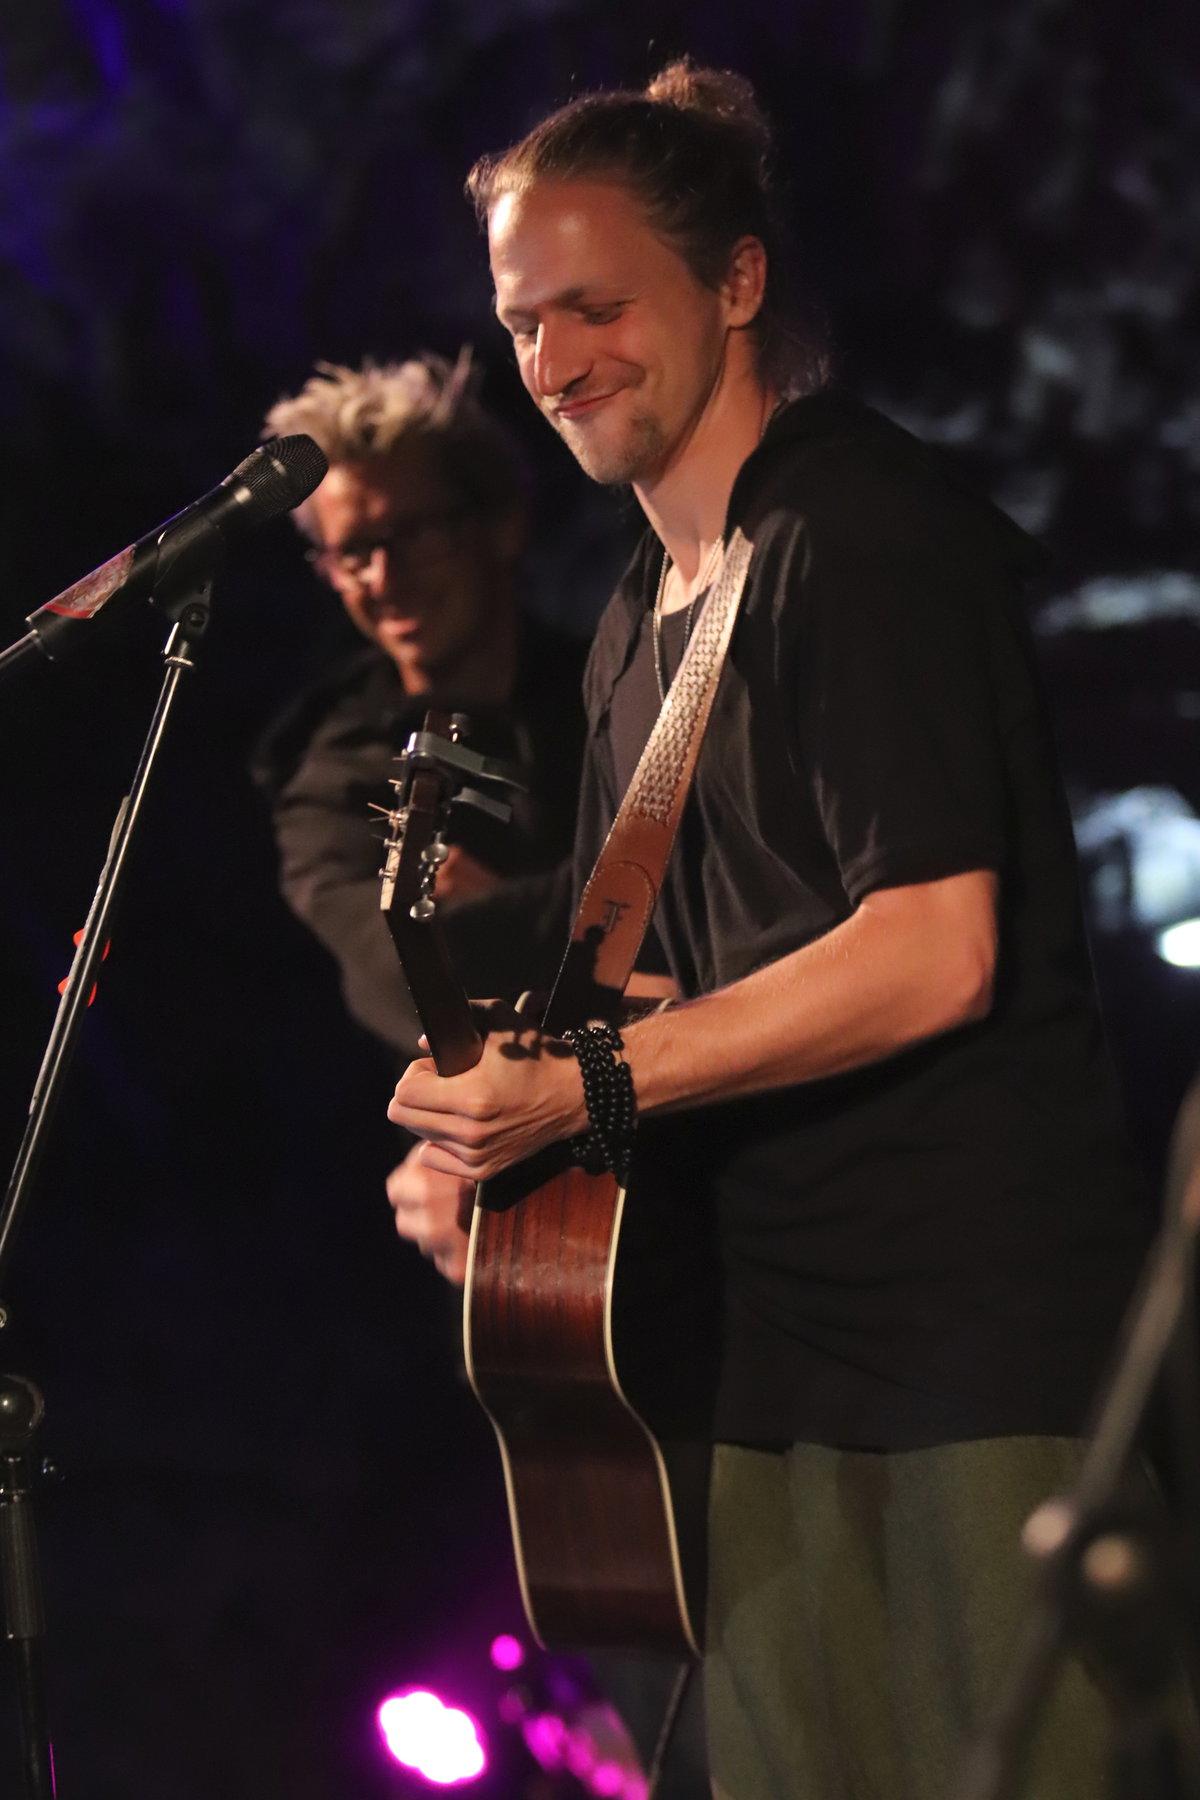 Klus zazpíval v Býčí skále řadu svých hitů.